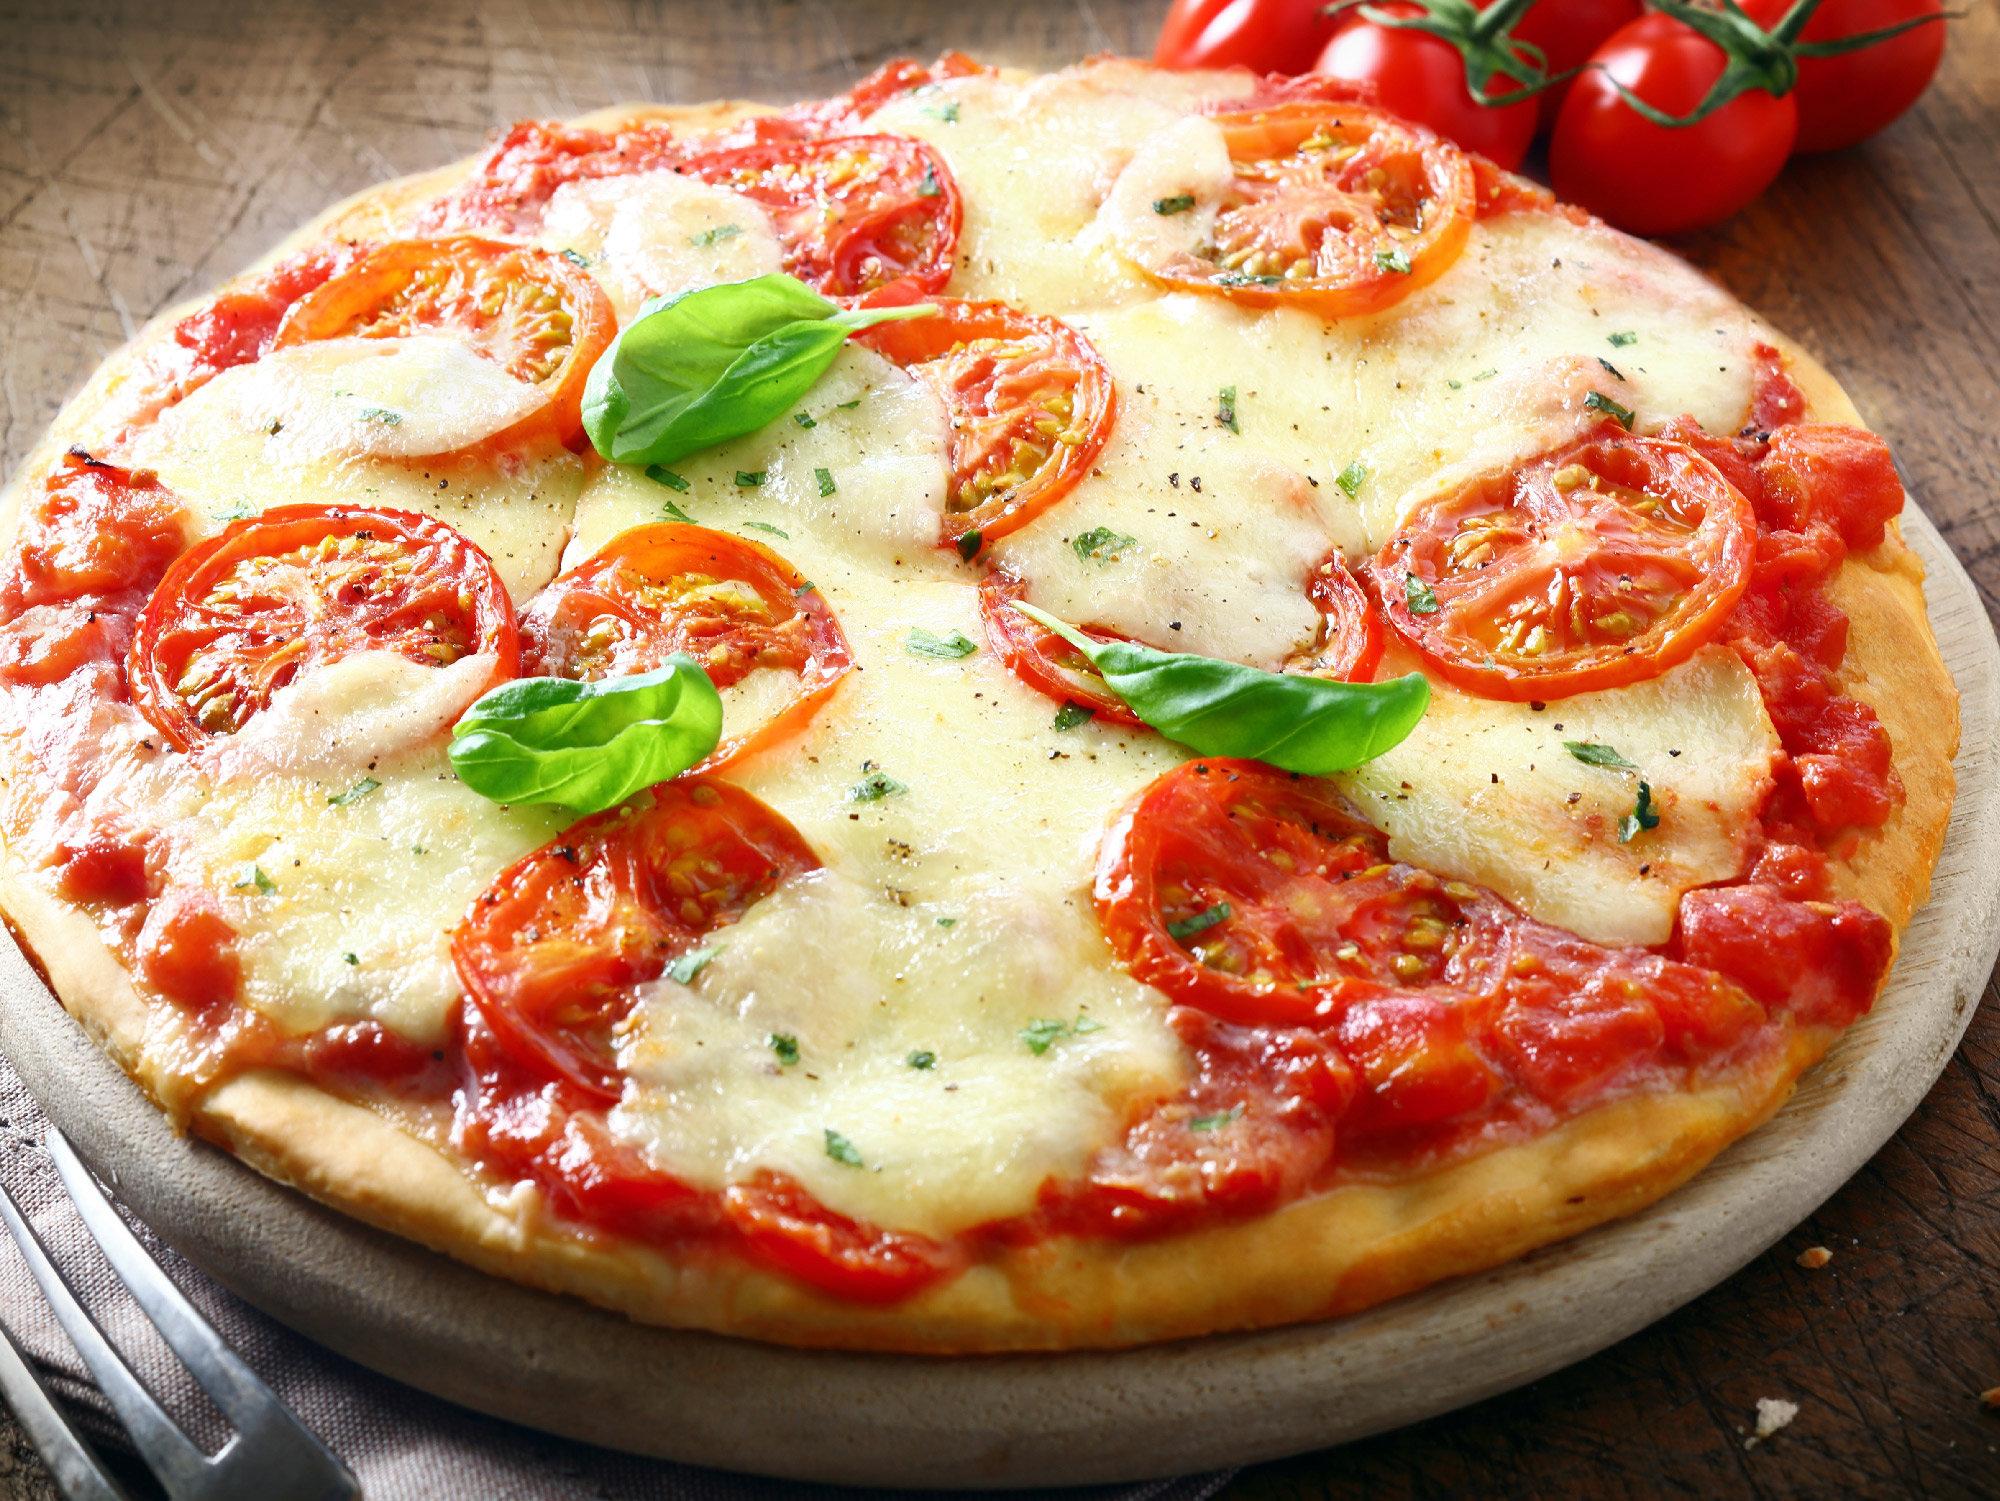 Com'è nata la pizza surgelata. Storia di una tecnologia nata negli anni 70